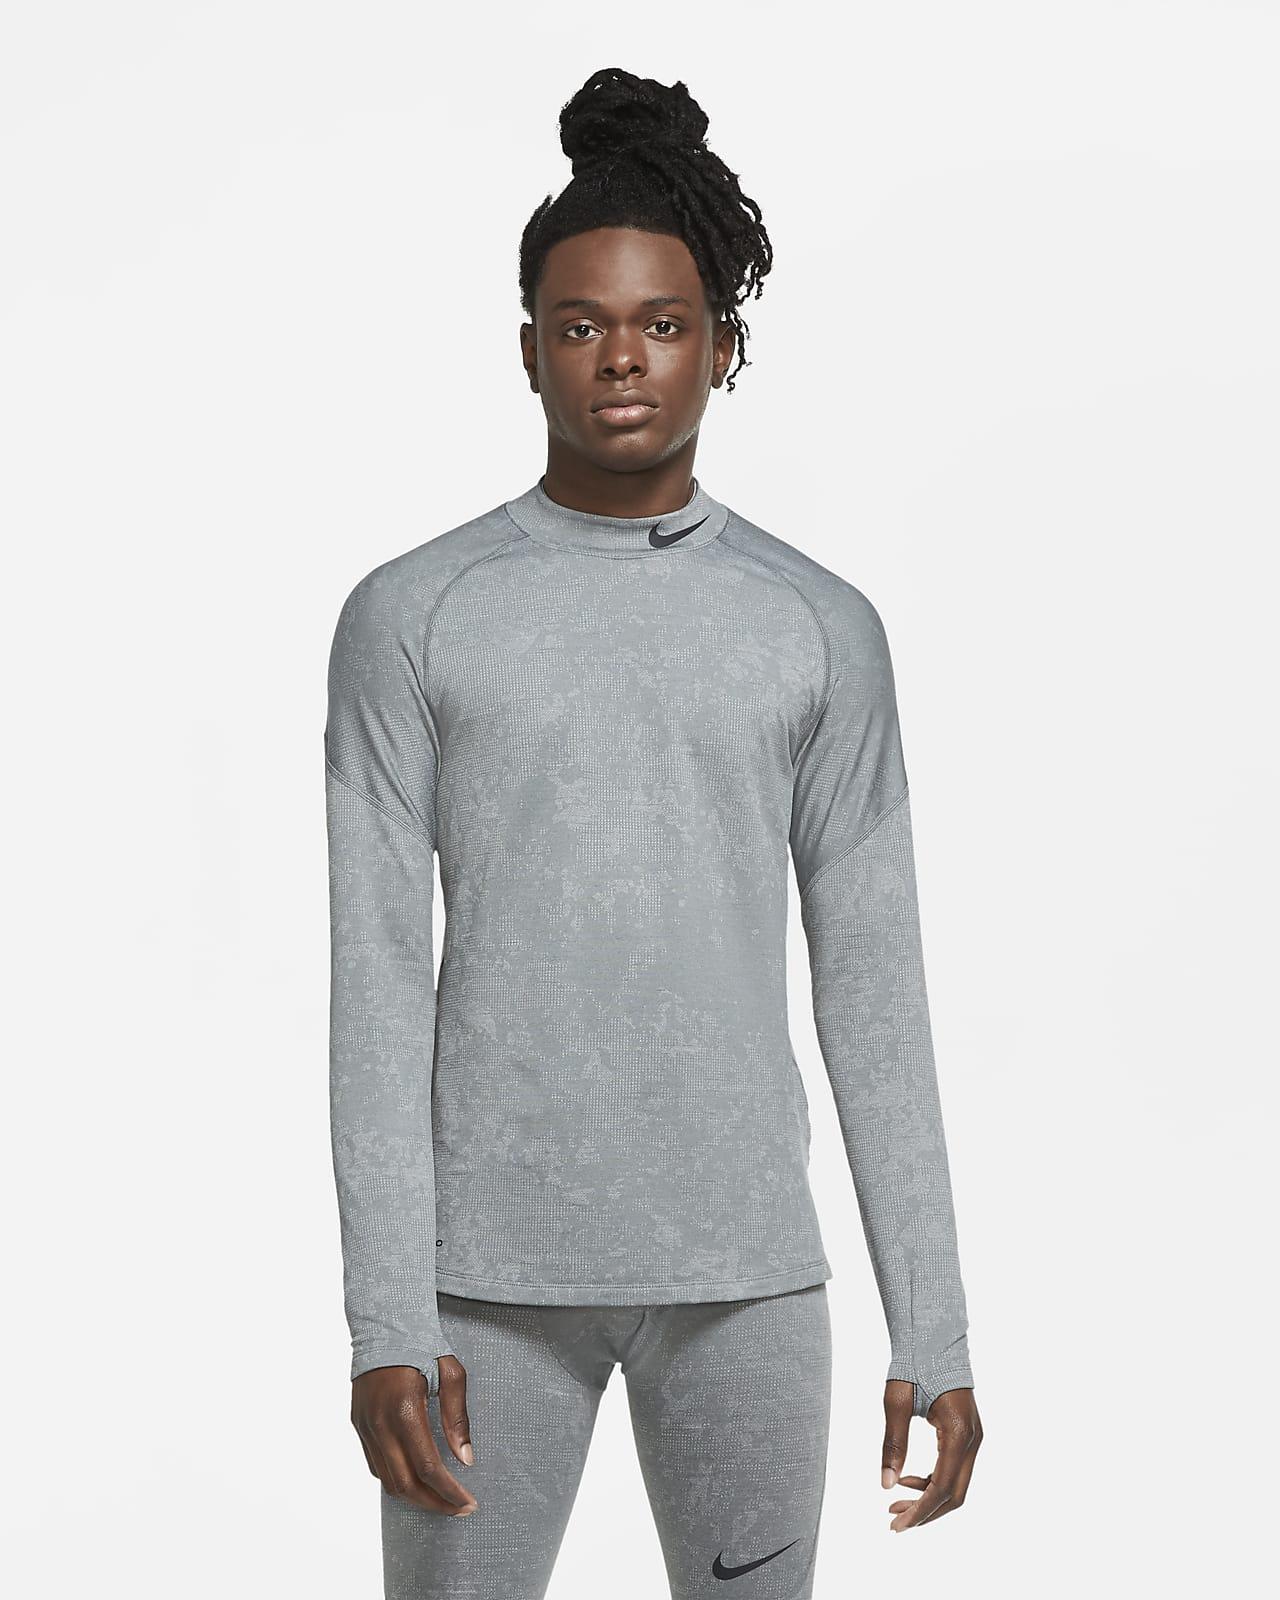 Pánské tréninkové tričko Nike Pro Warm Utility s dlouhým rukávem